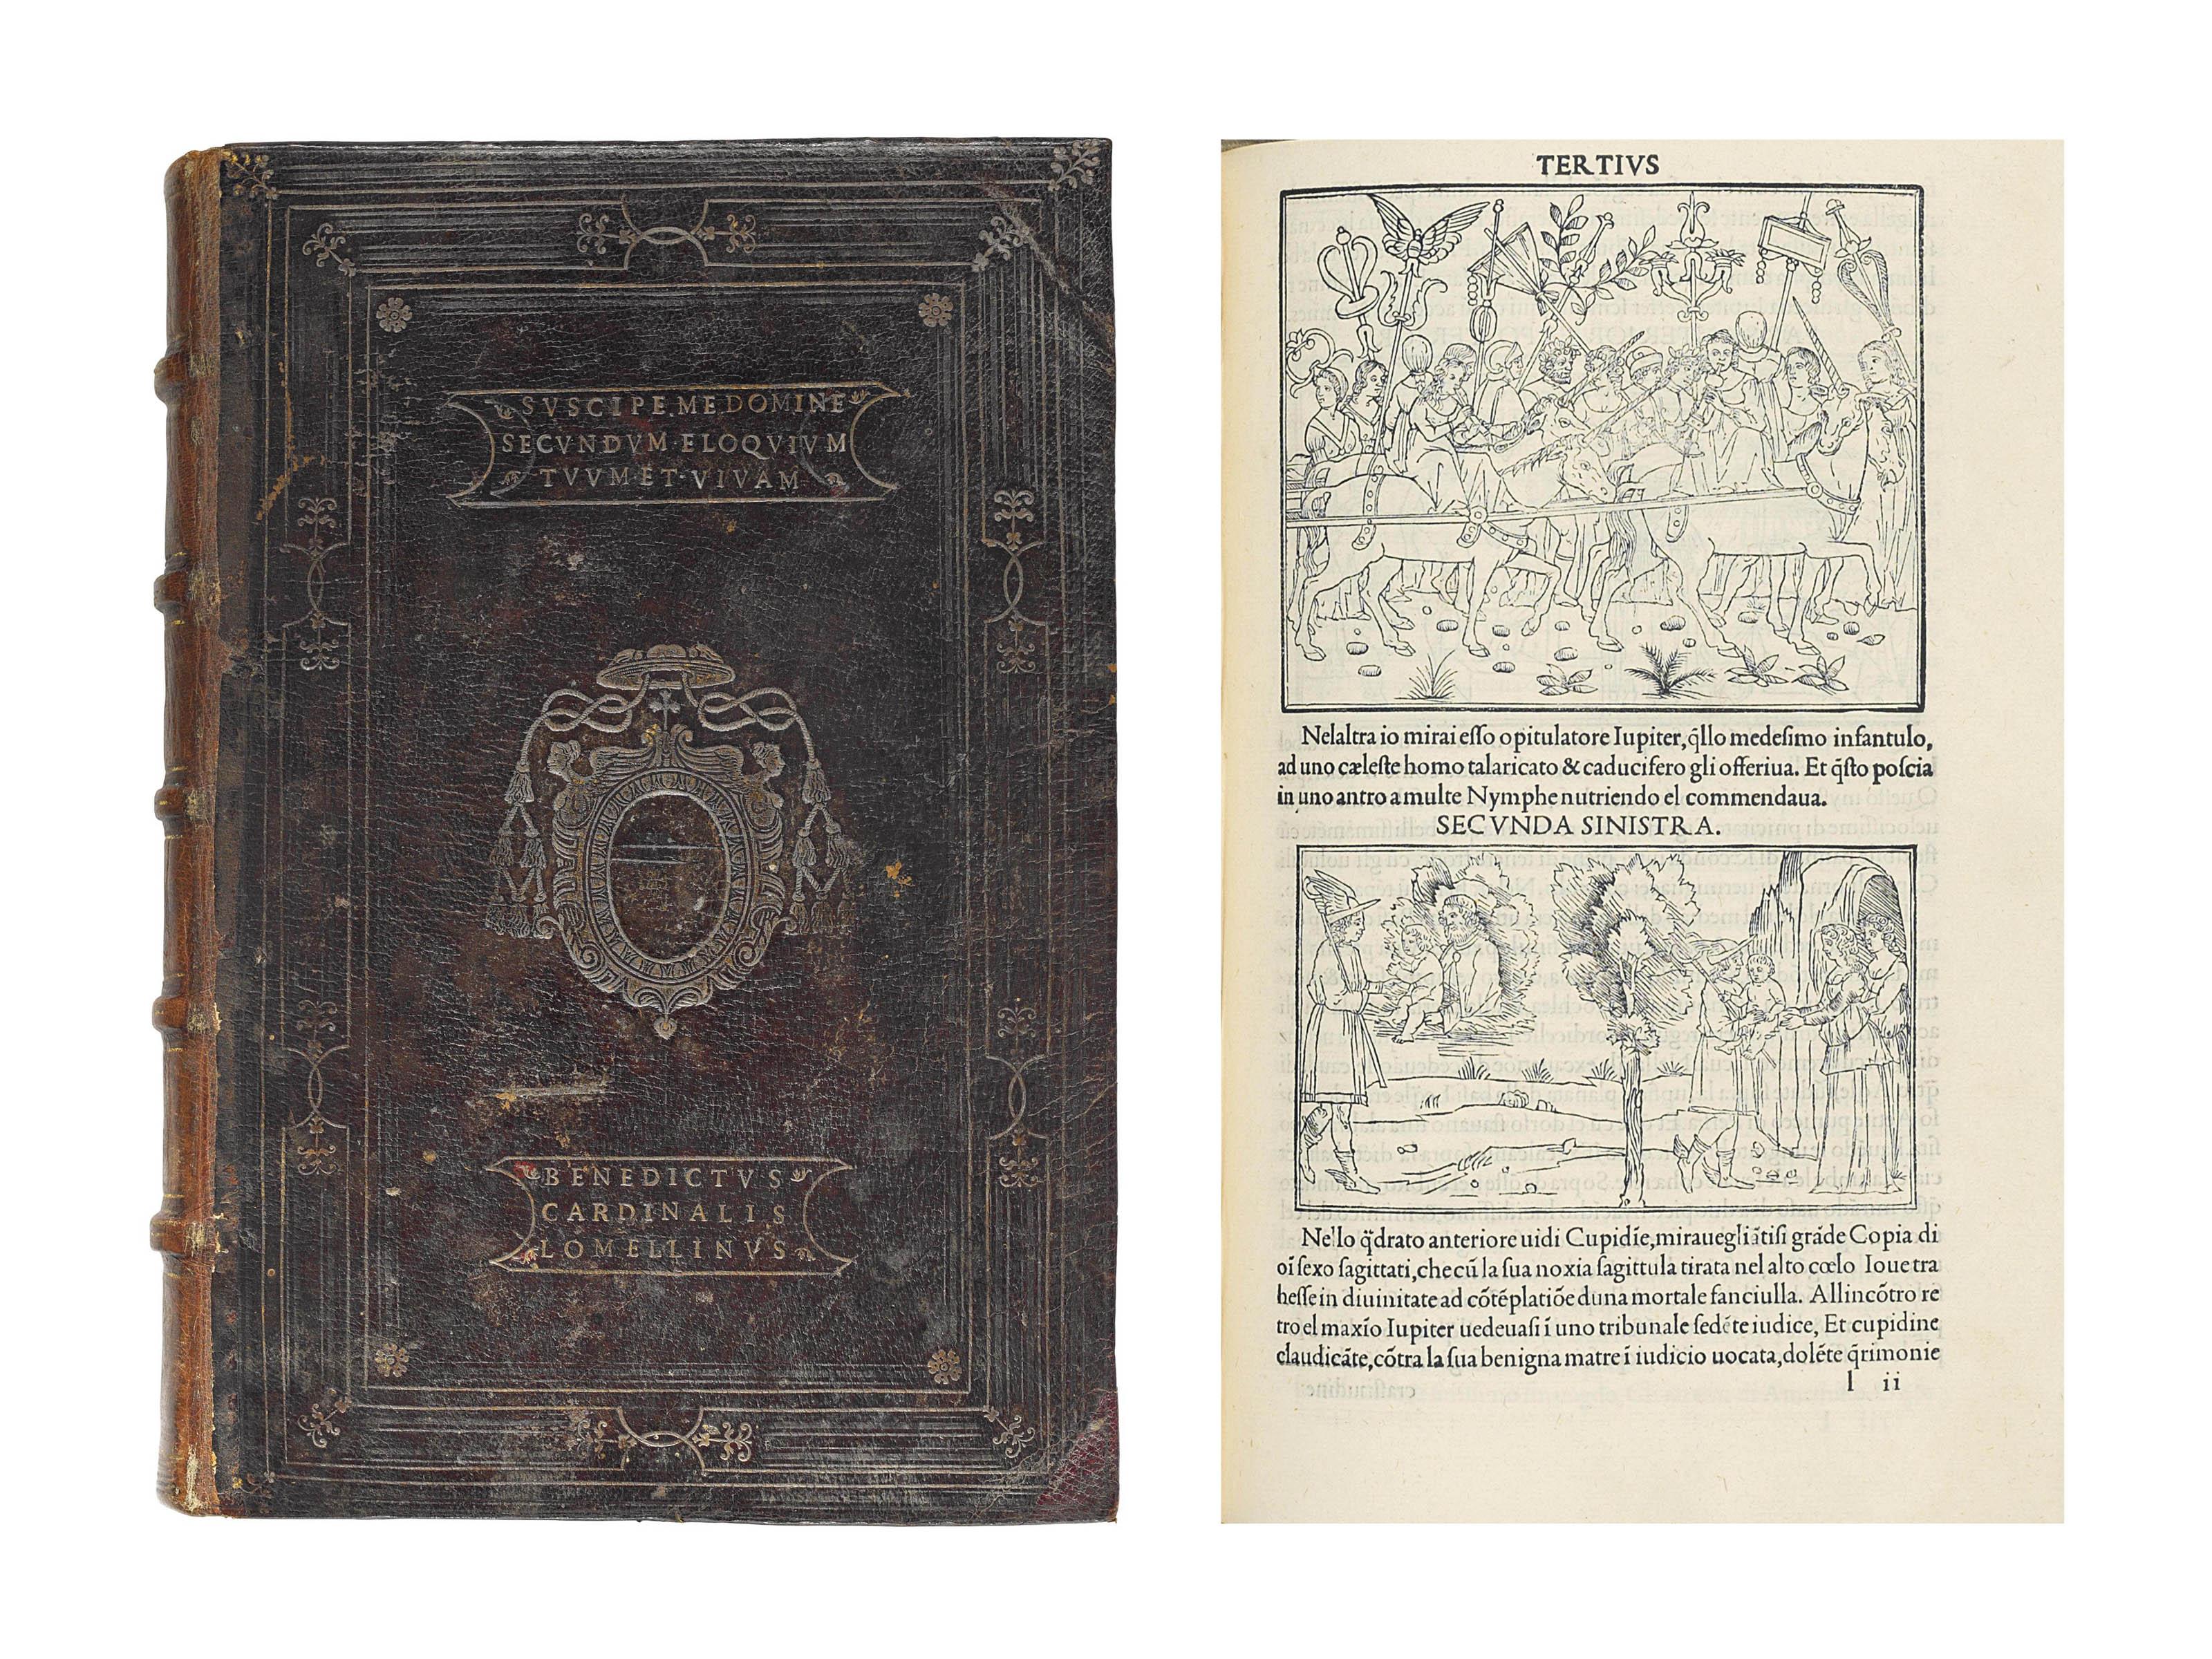 [COLONNA, Francesco (1433-1527)]. Hypnerotomachia Poliphili, in Italian. Venice: Aldus Manutius for Leonardus Crassus, December 1499.